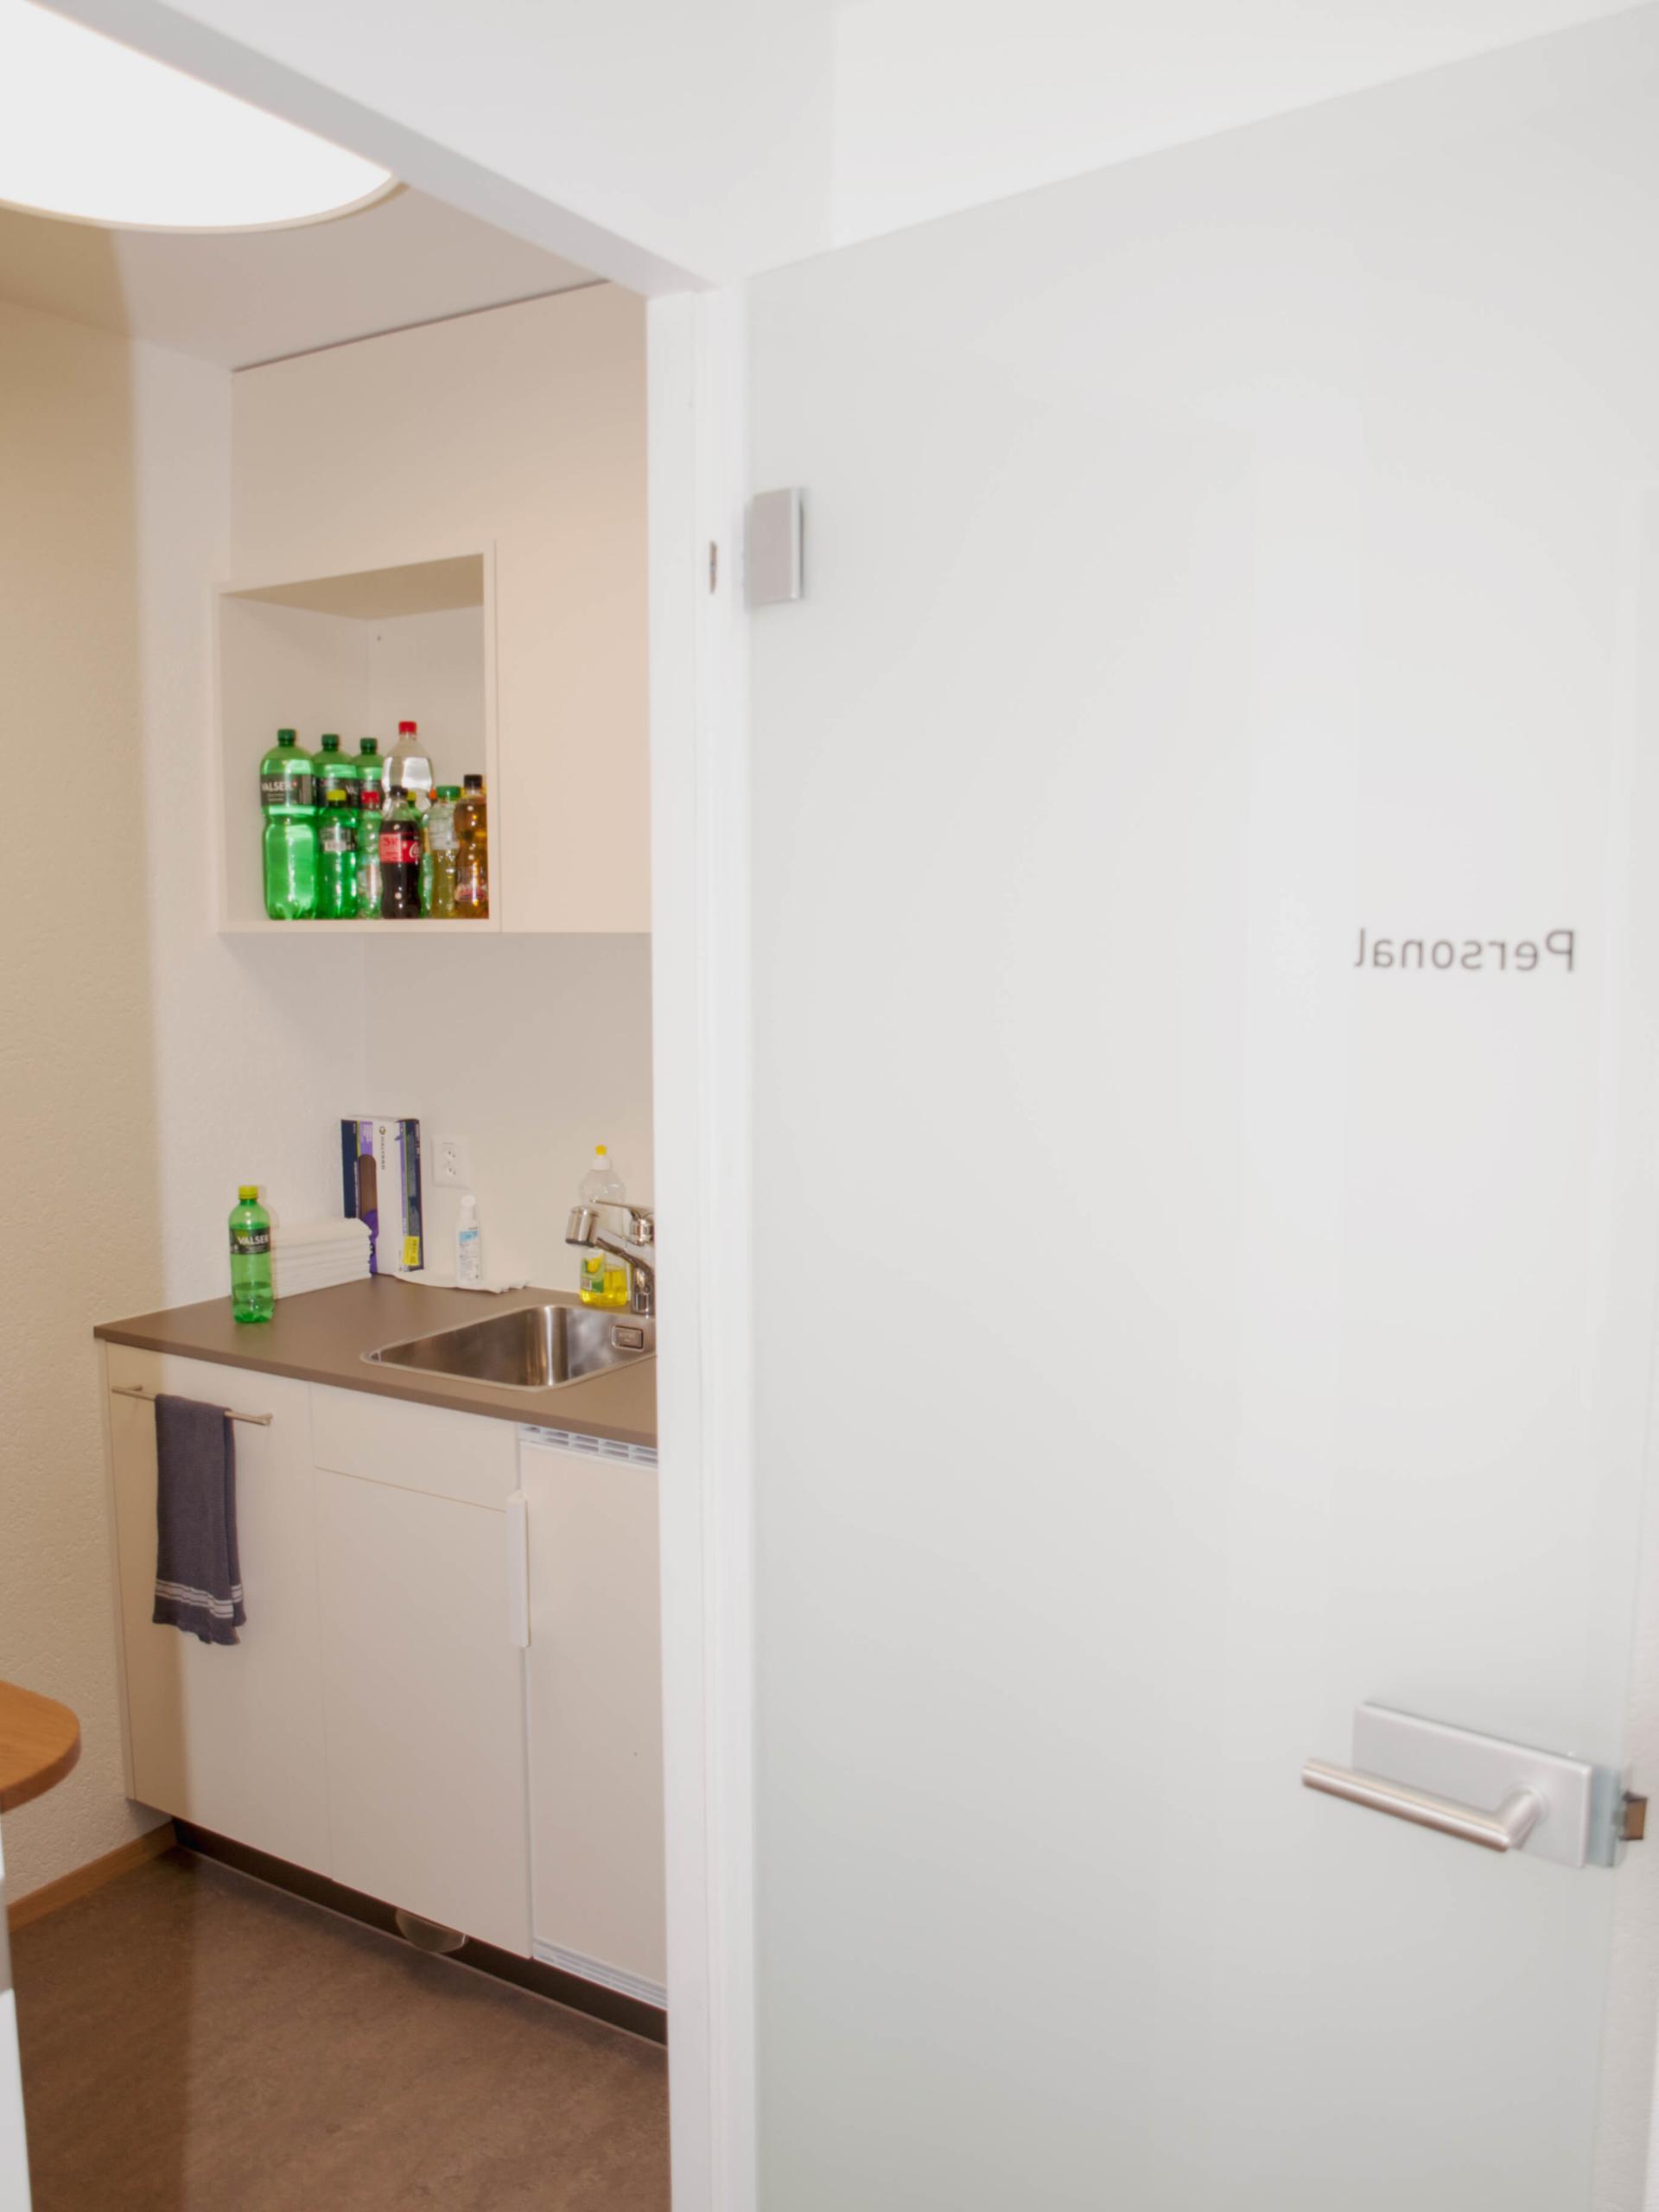 Aerztehaus-Welschenrohr-Personalkueche